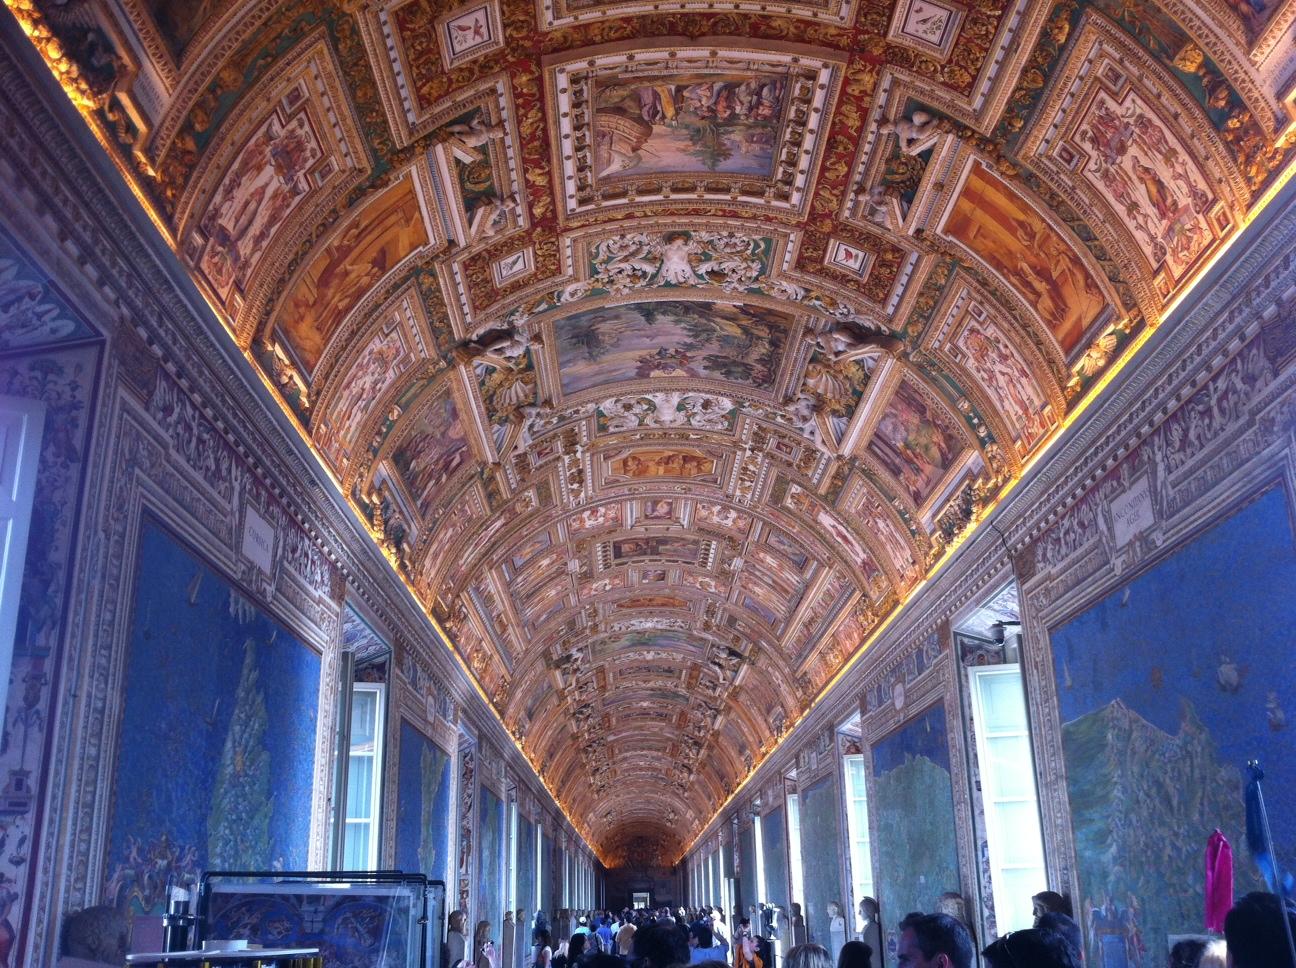 Galeria de los mapas dentro del Vaticano